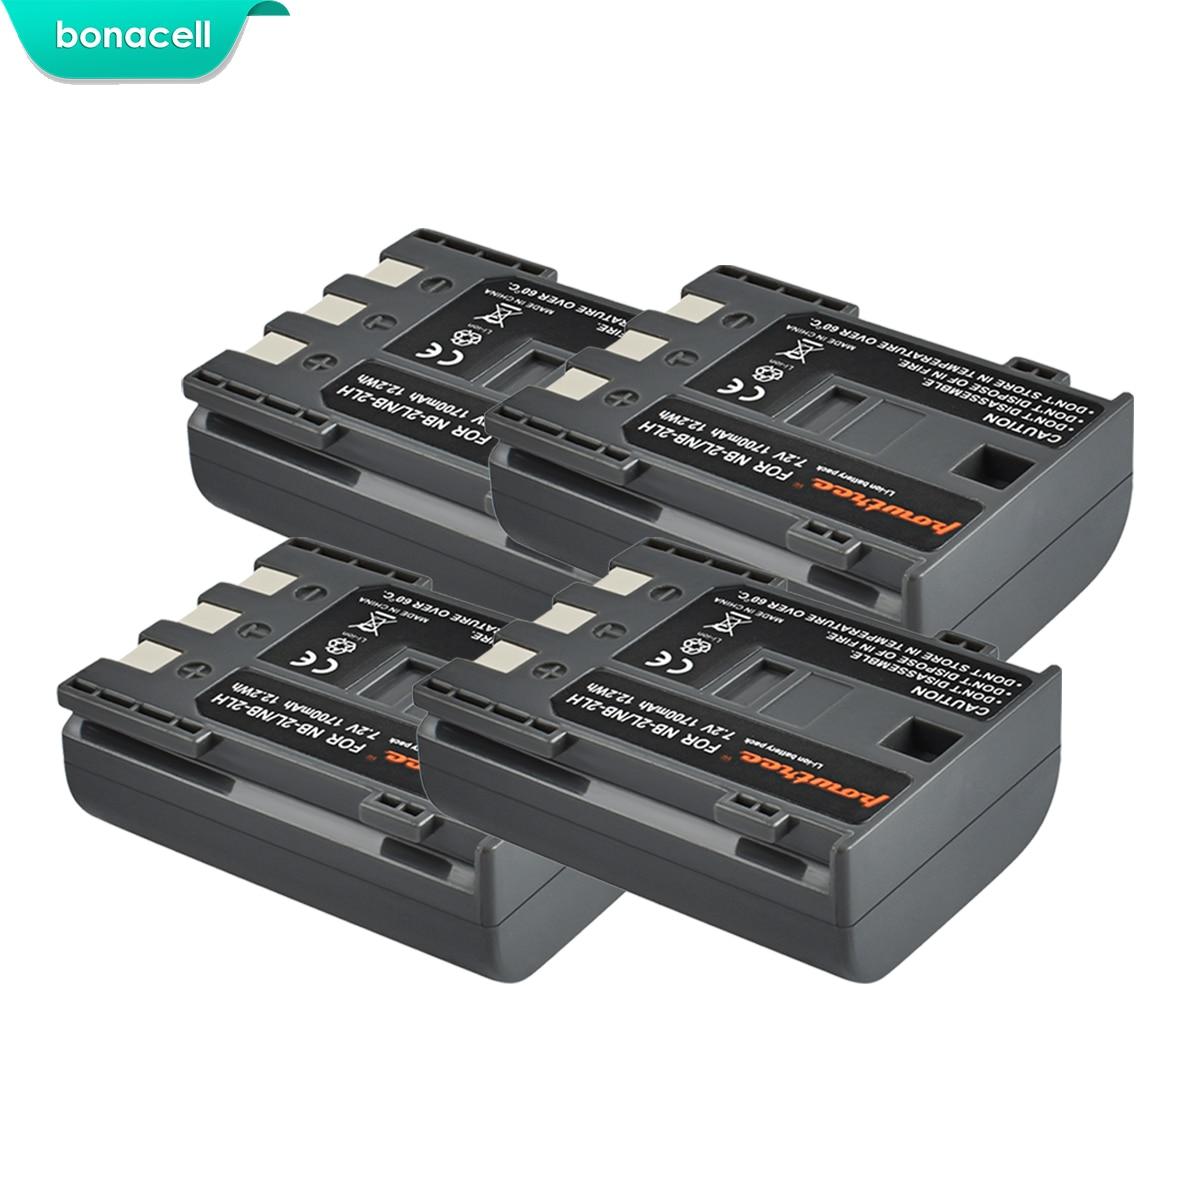 Bonacell 1700mAh NB-2L NB2L NB-2LH NB 2LH NB2LH Digital Camera Battery For Canon Rebel XT XTi 350D 400D G9 G7 S80 S70S30 L10